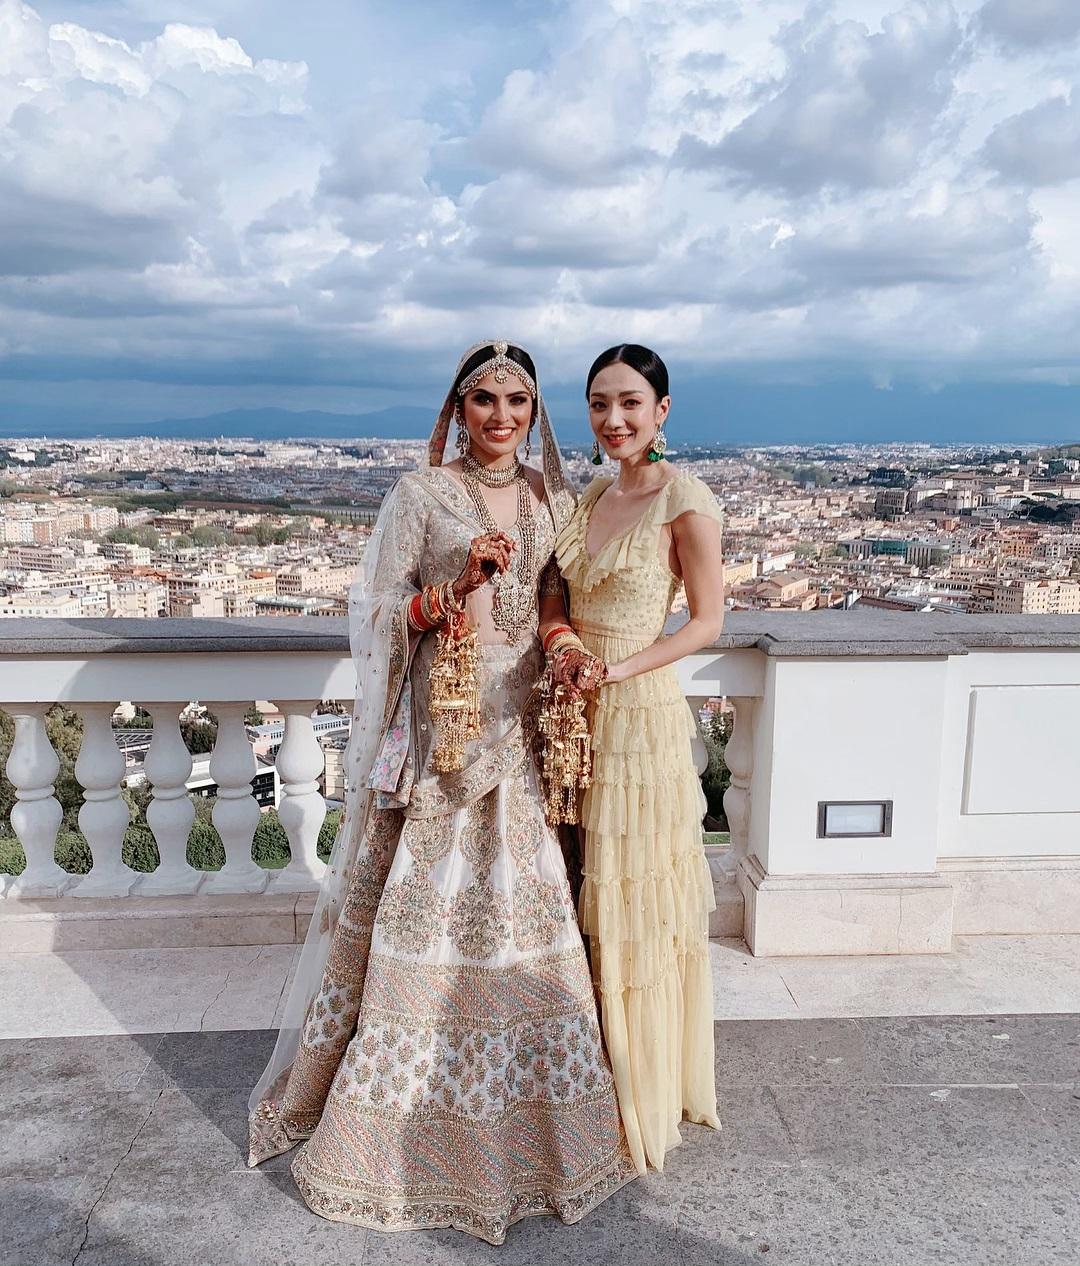 王君馨到意大利參加一位印度籍大學同學的婚禮。 王君馨IG圖片